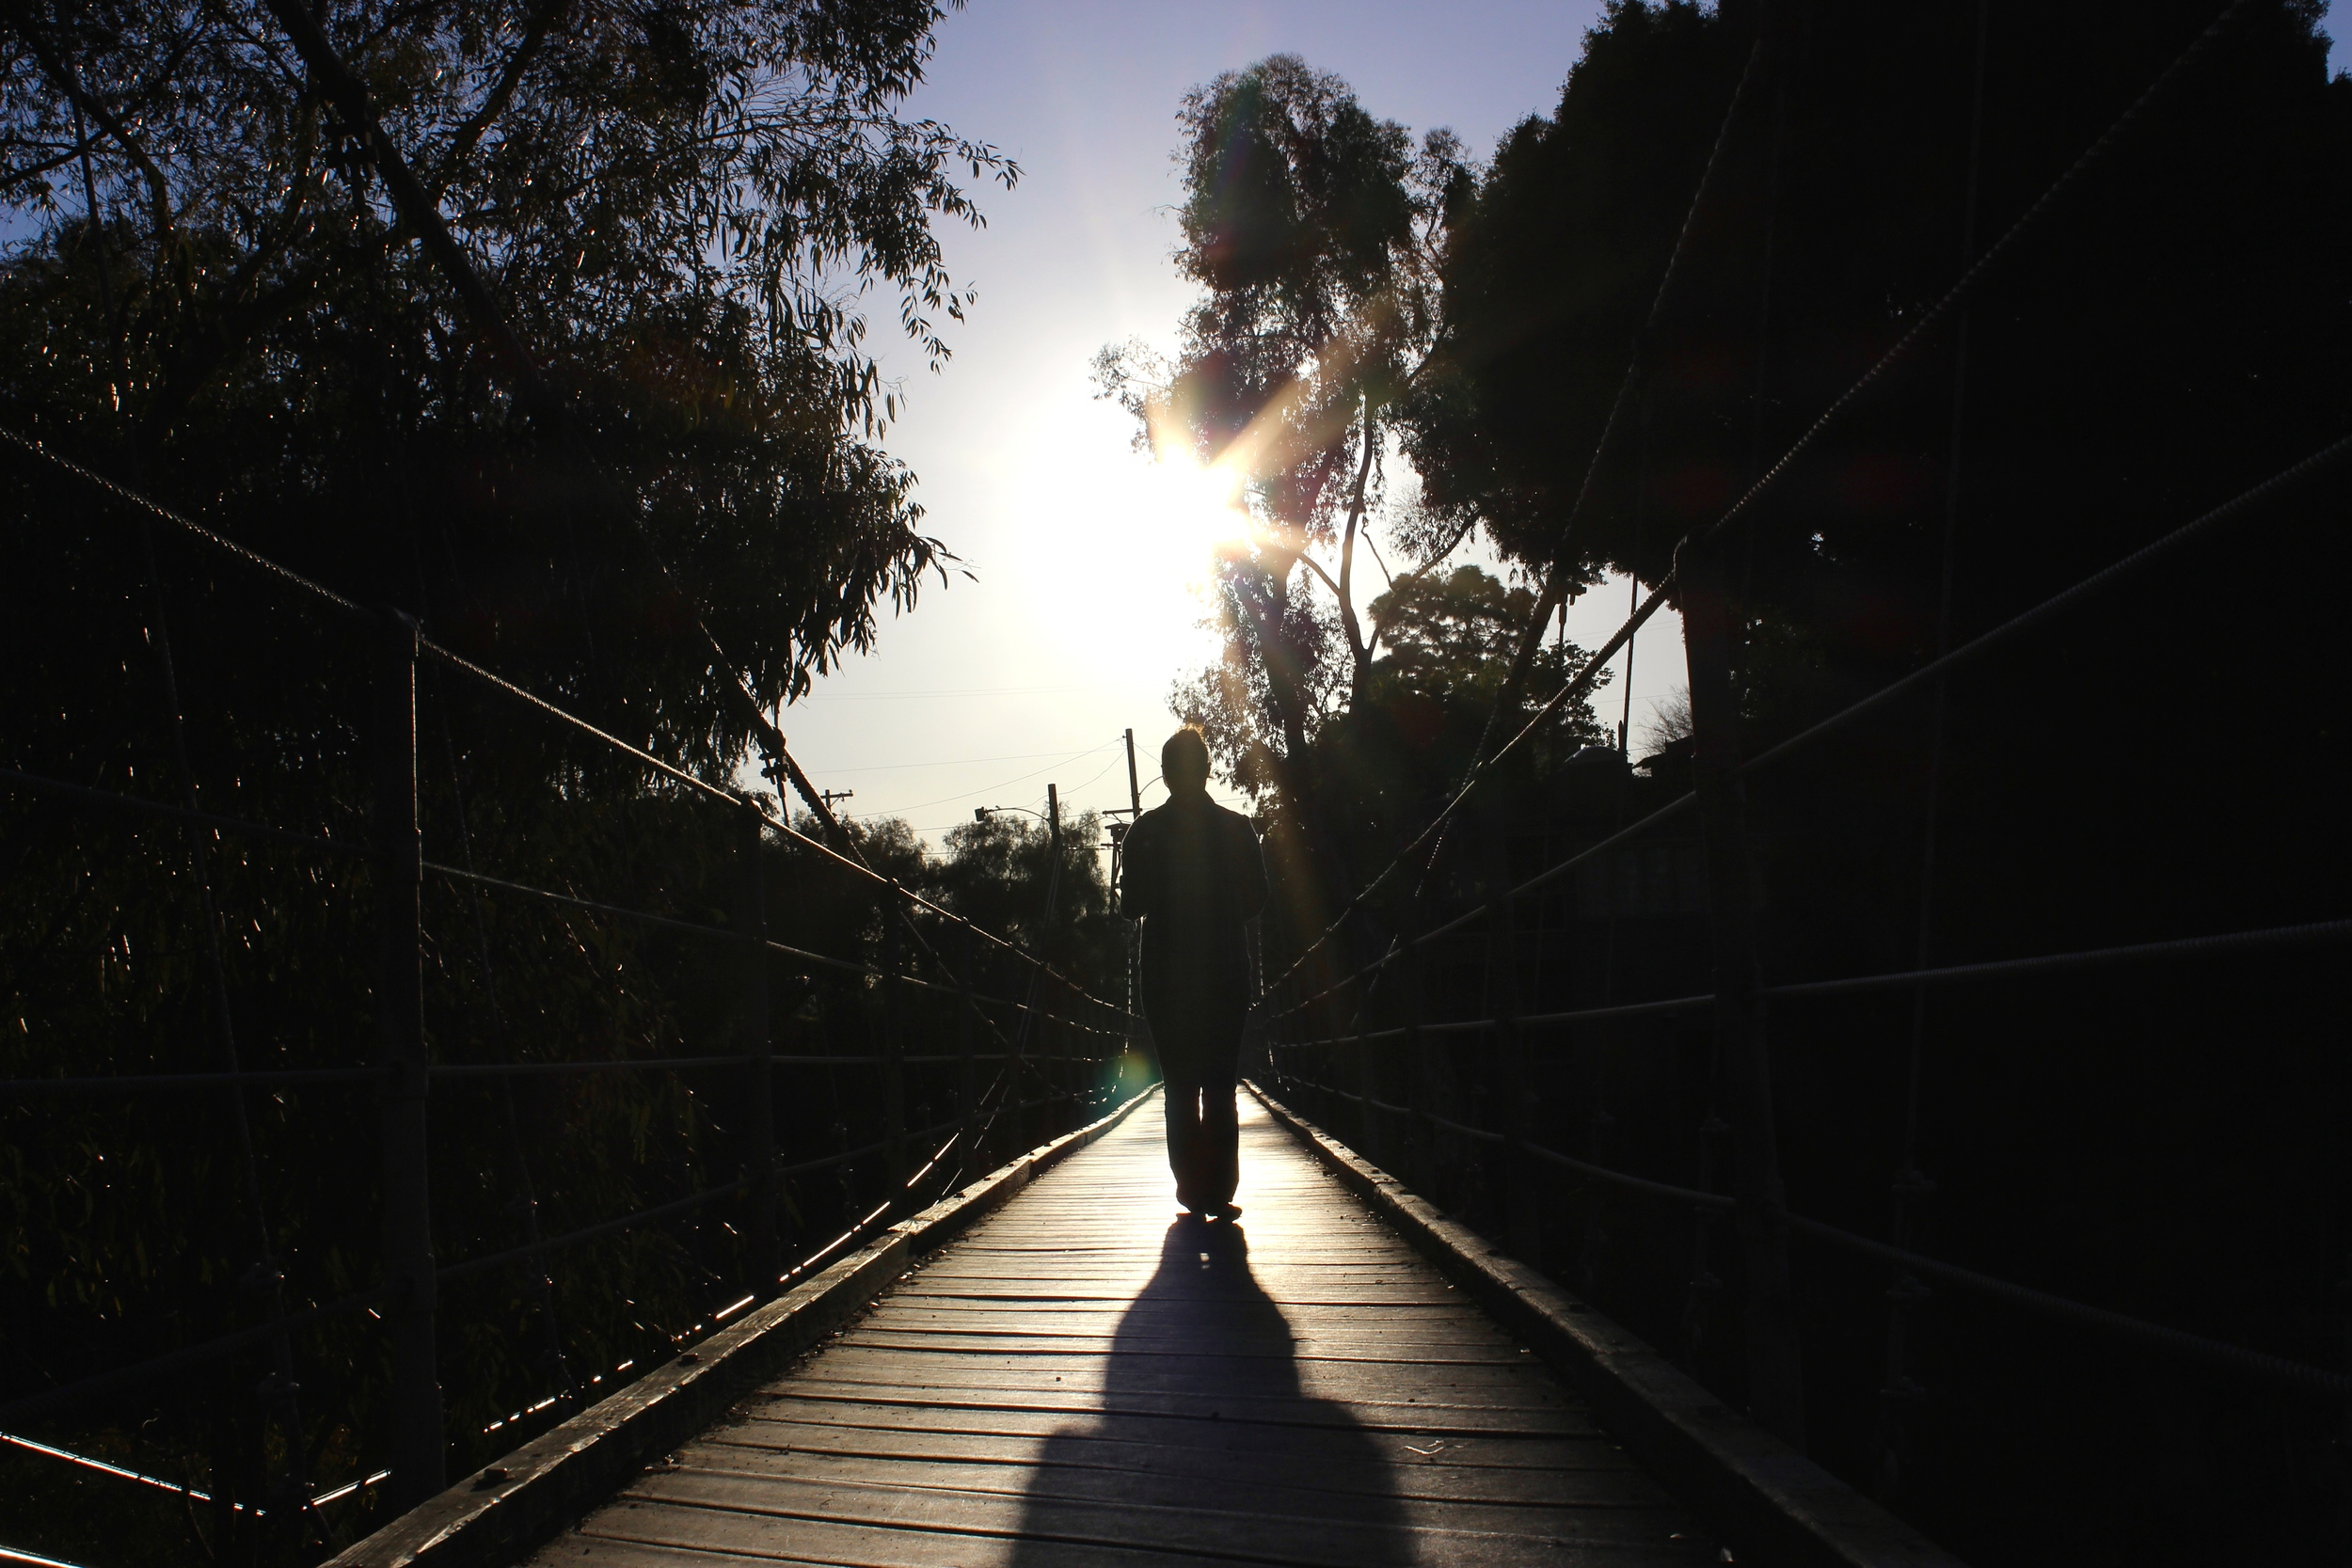 SUSPENSION BRIDGE SUNSETTING